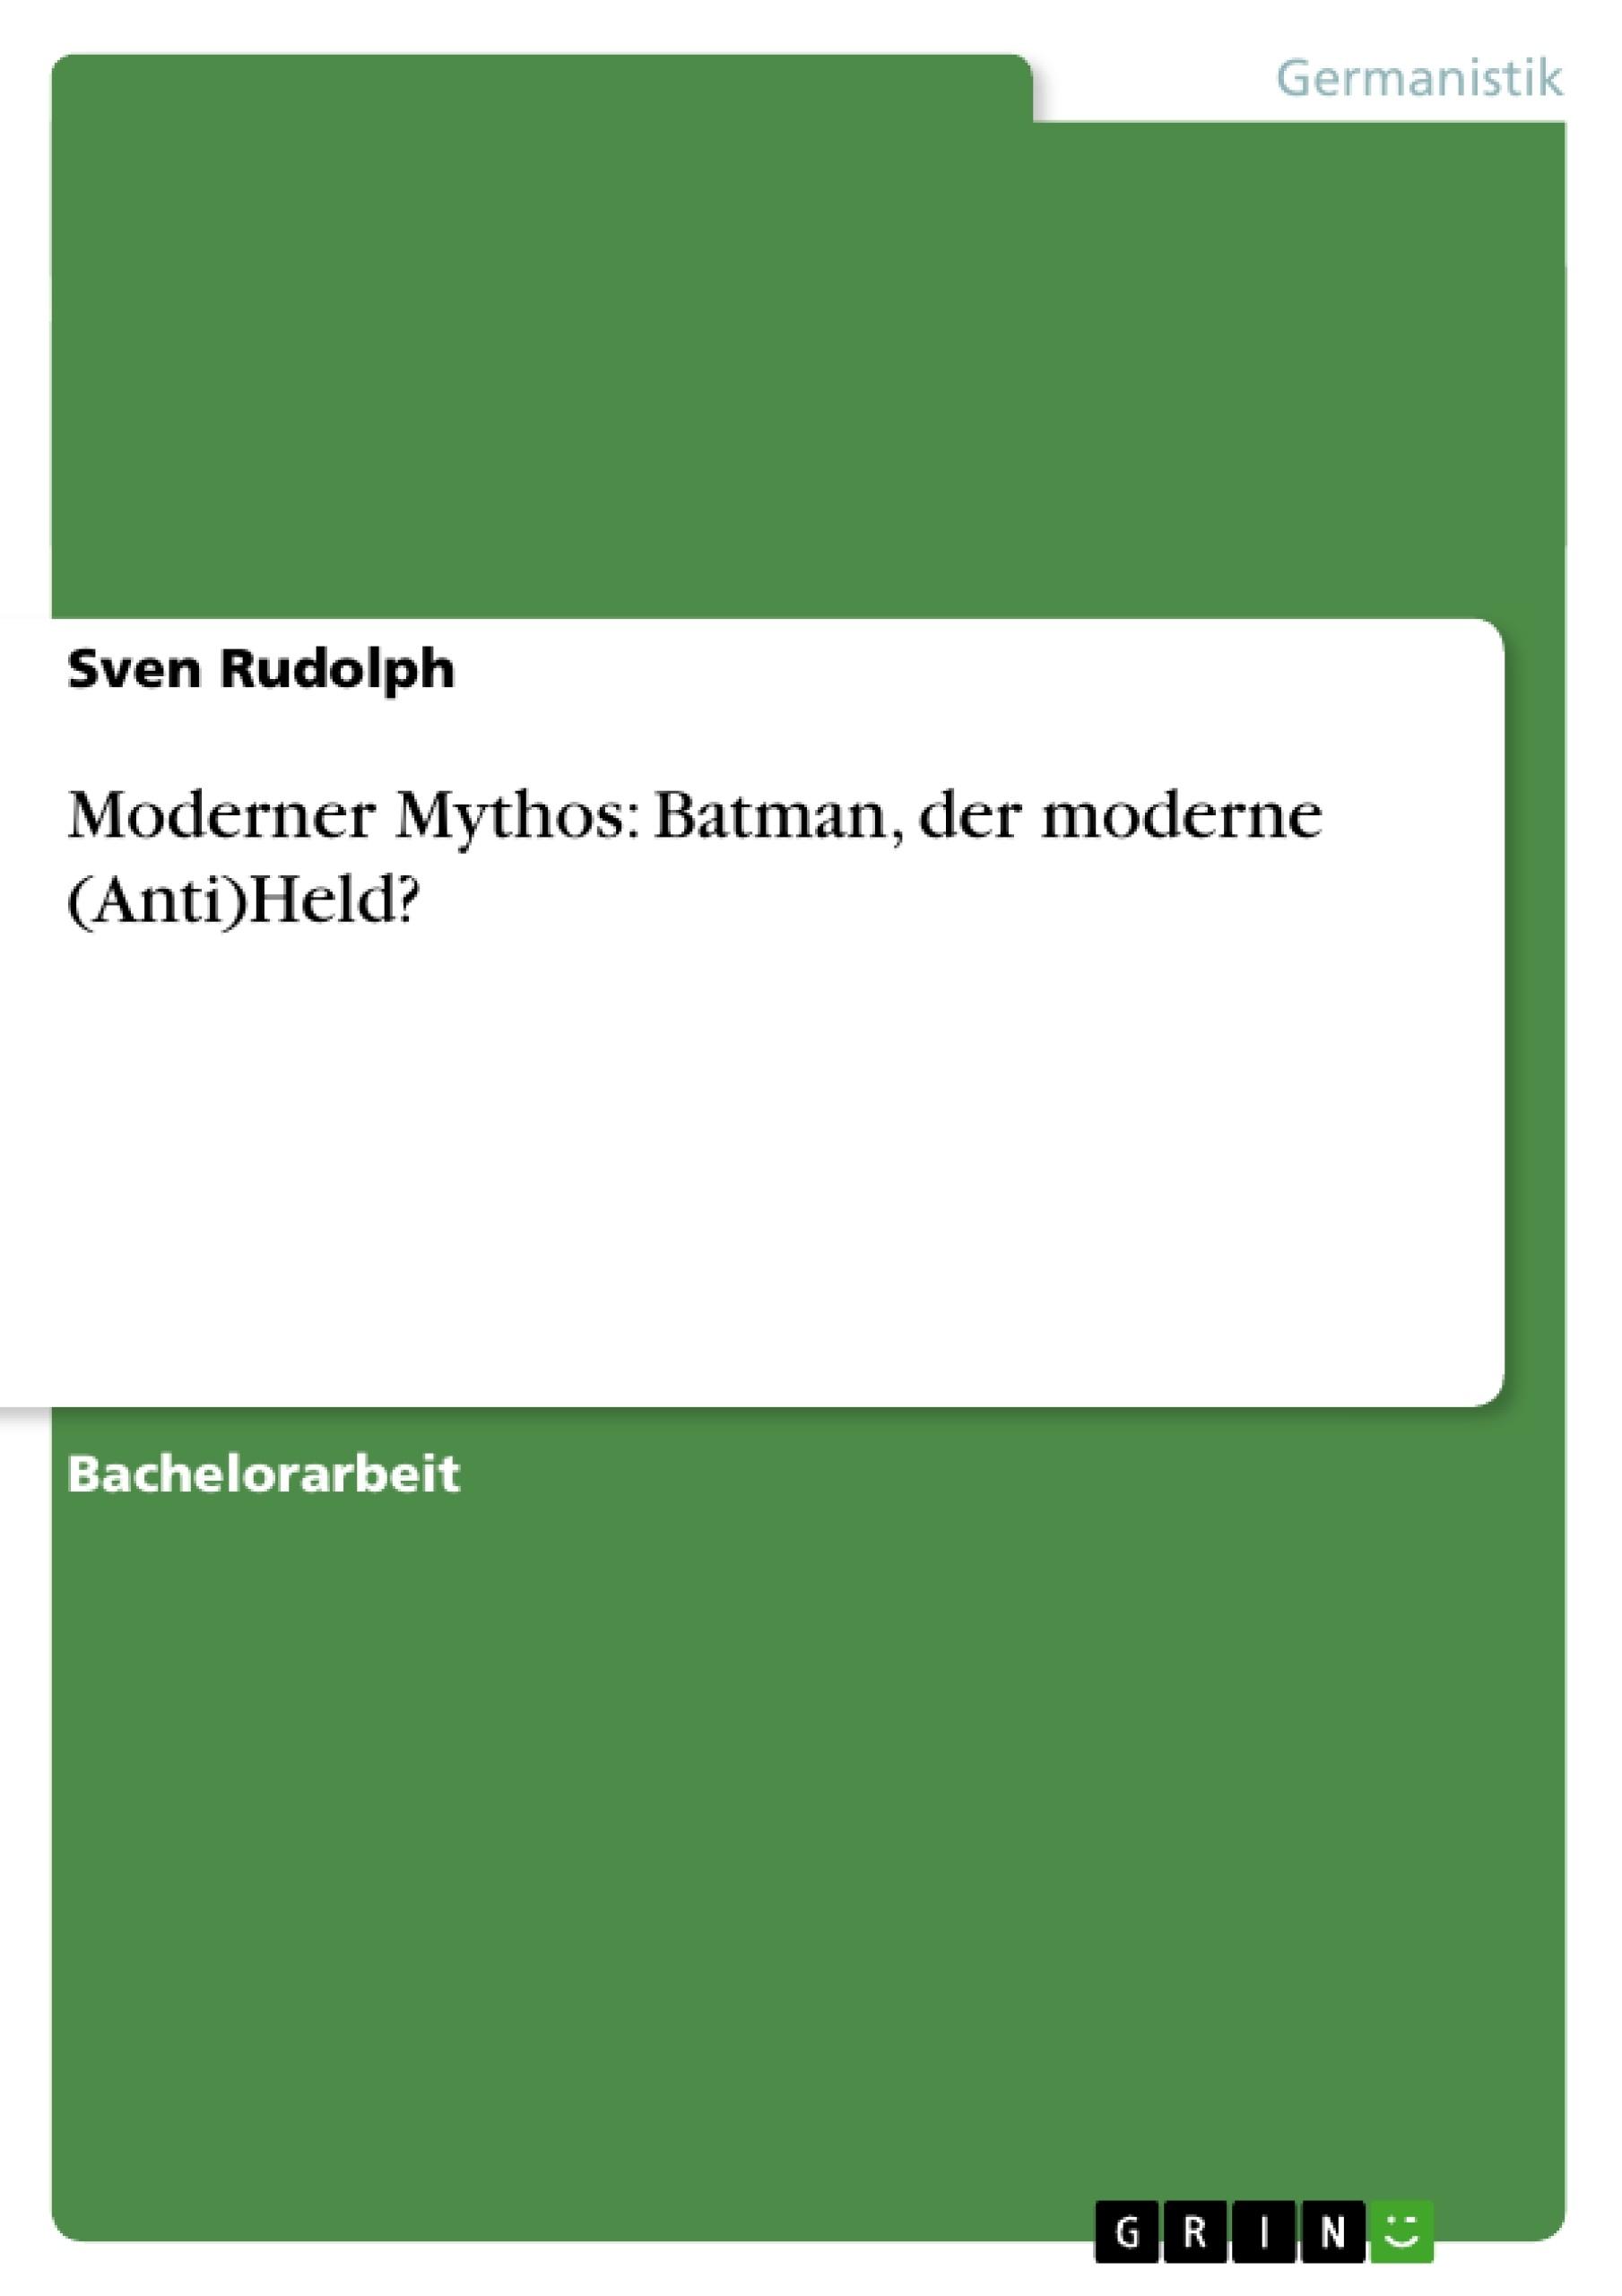 Titel: Moderner Mythos: Batman, der moderne (Anti)Held?